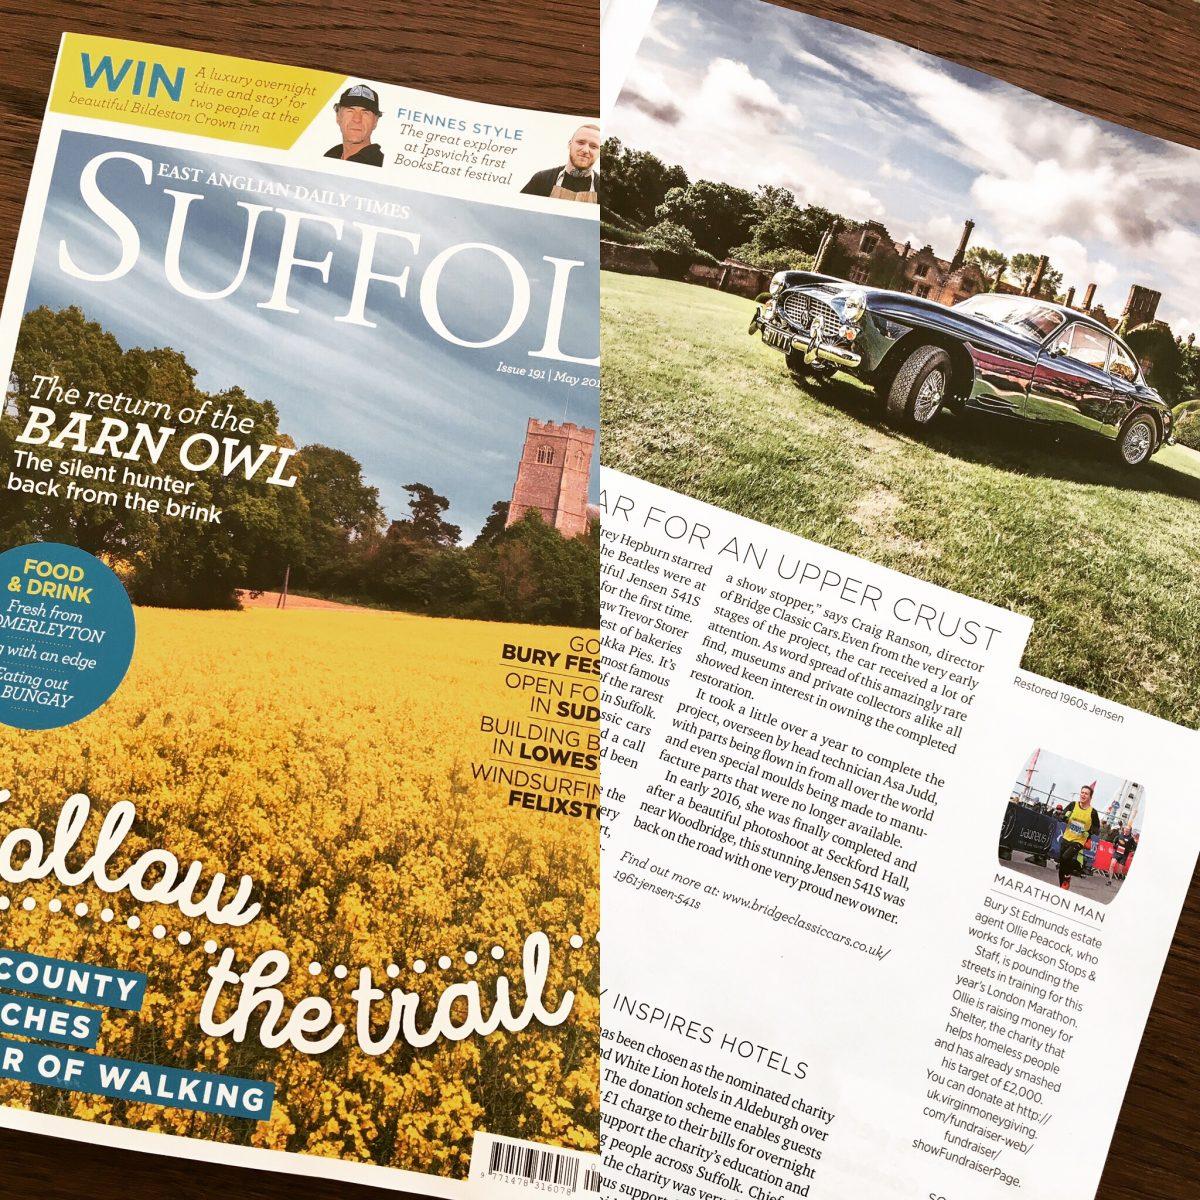 Suffolk Magazine May 2016